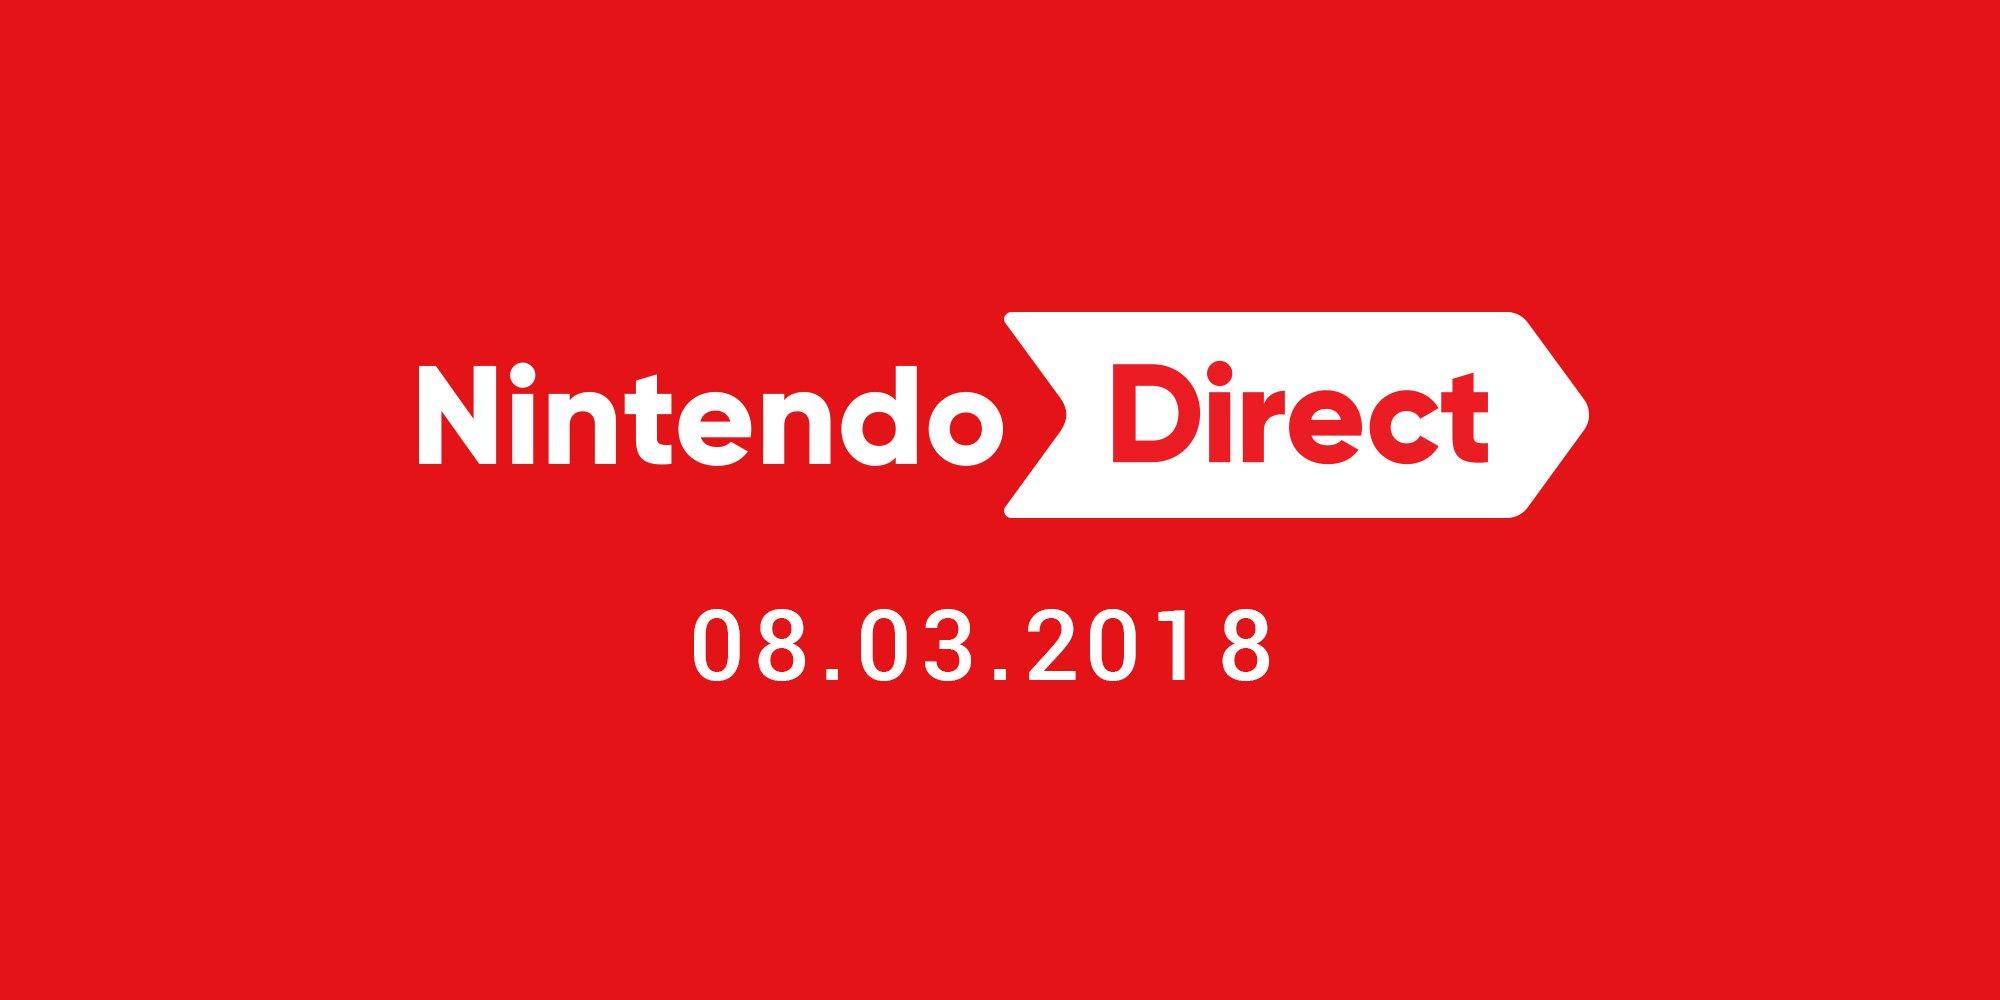 Nintendo Direct anunciado para hoy con novedades referentes a Switch y 3DS 1